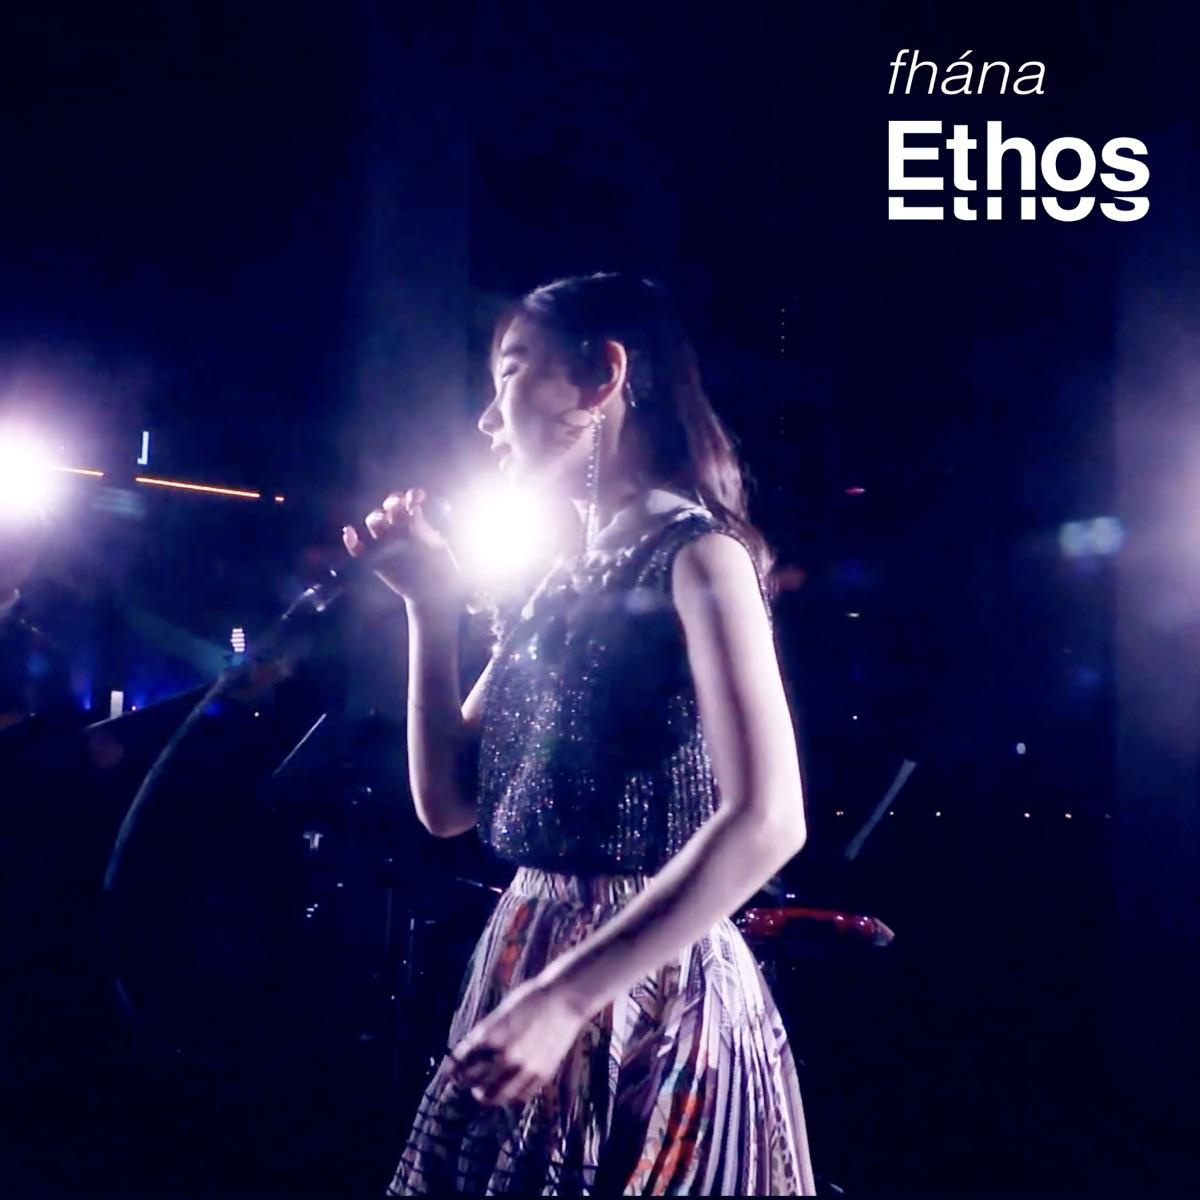 『fhána - Ethos Choir caravan (feat. fhánamily)』収録の『Ethos』ジャケット